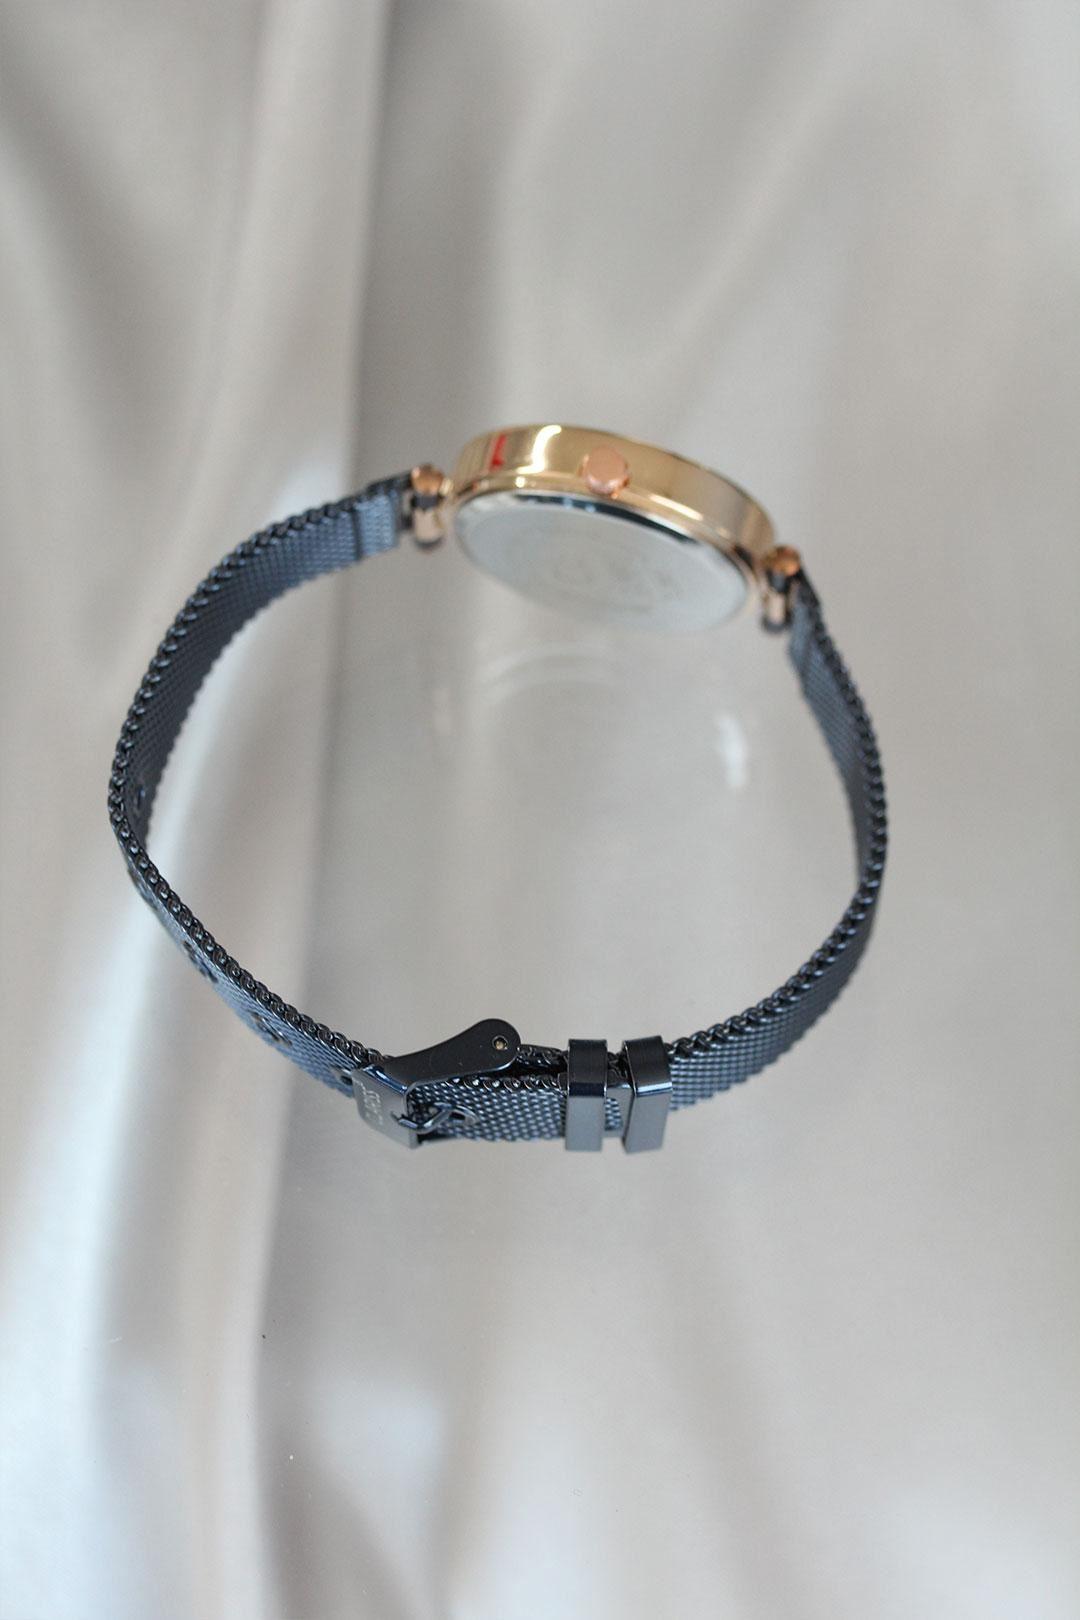 Clariss Marka Lacivert Renk Hasır Metal Kordonlu Kadın Saat